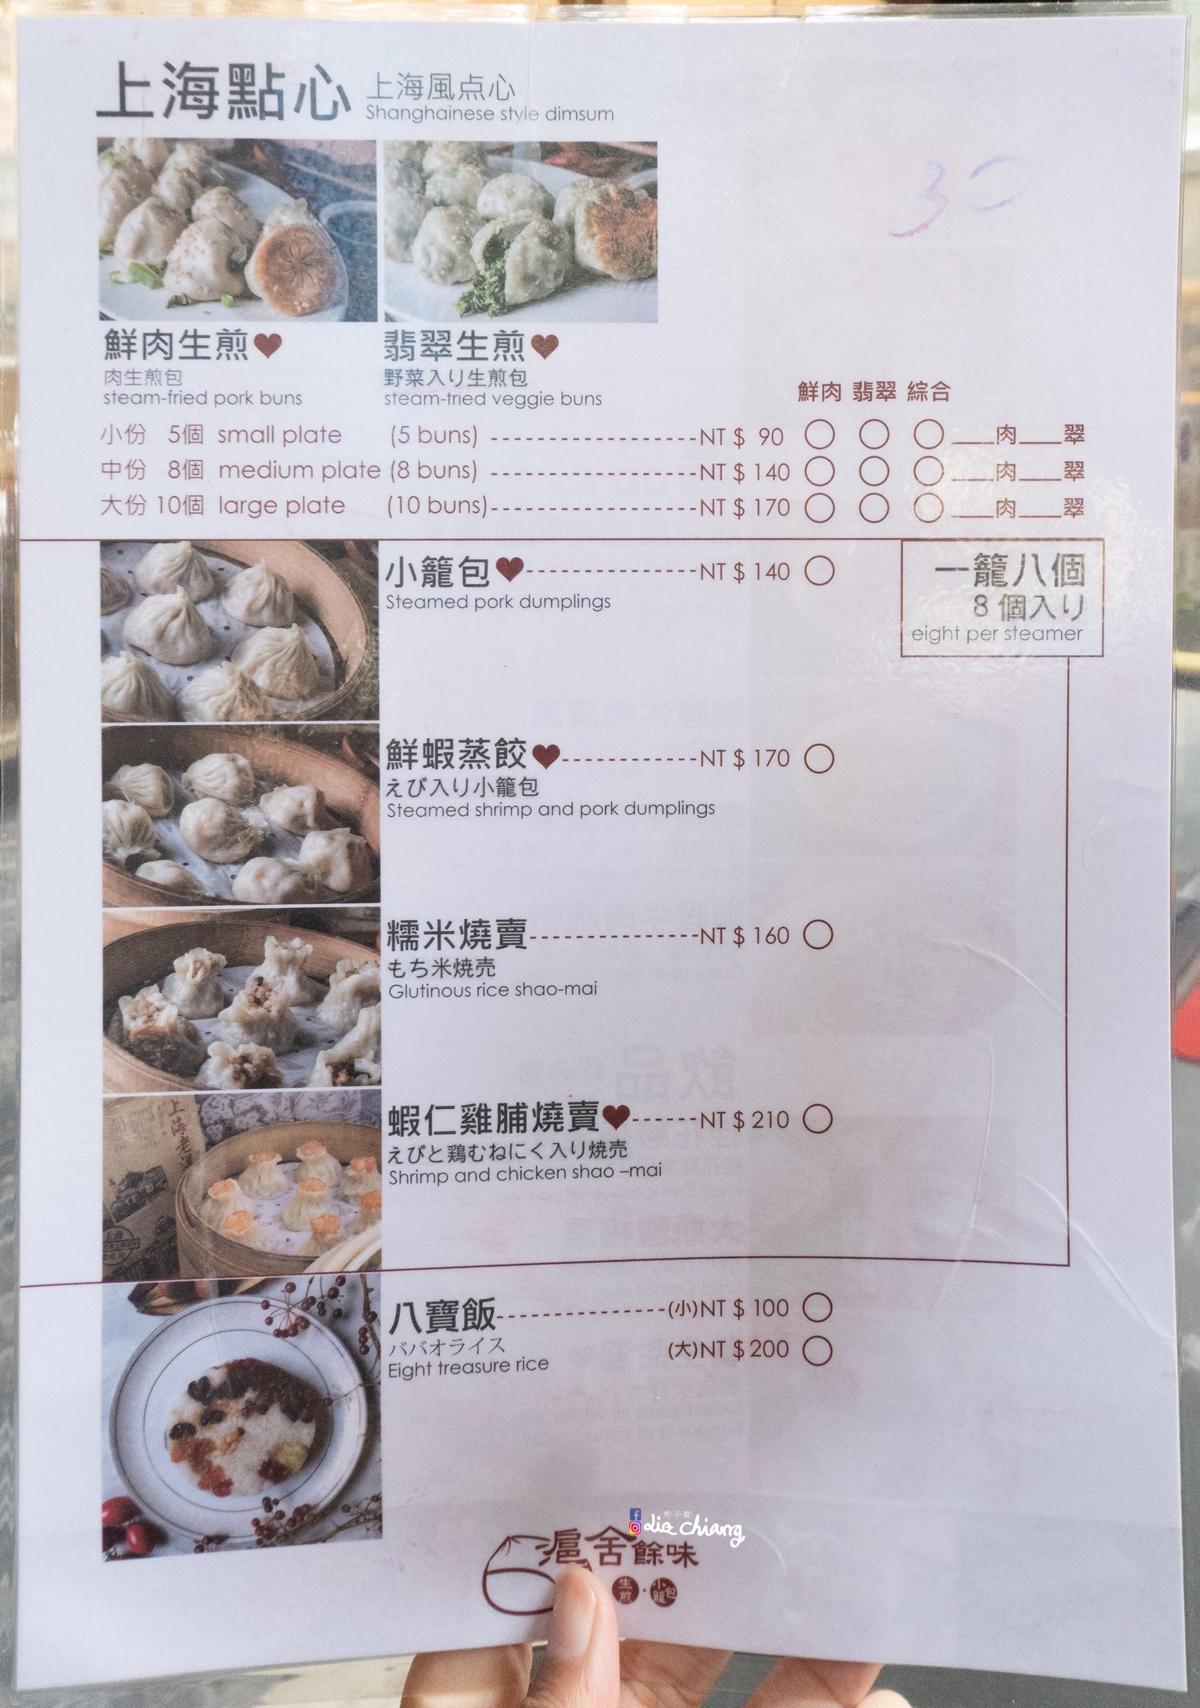 滬舍餘味-台中美食-上海點心-上海菜DSC01391Liz chiang 栗子醬-美食部落客-料理部落客